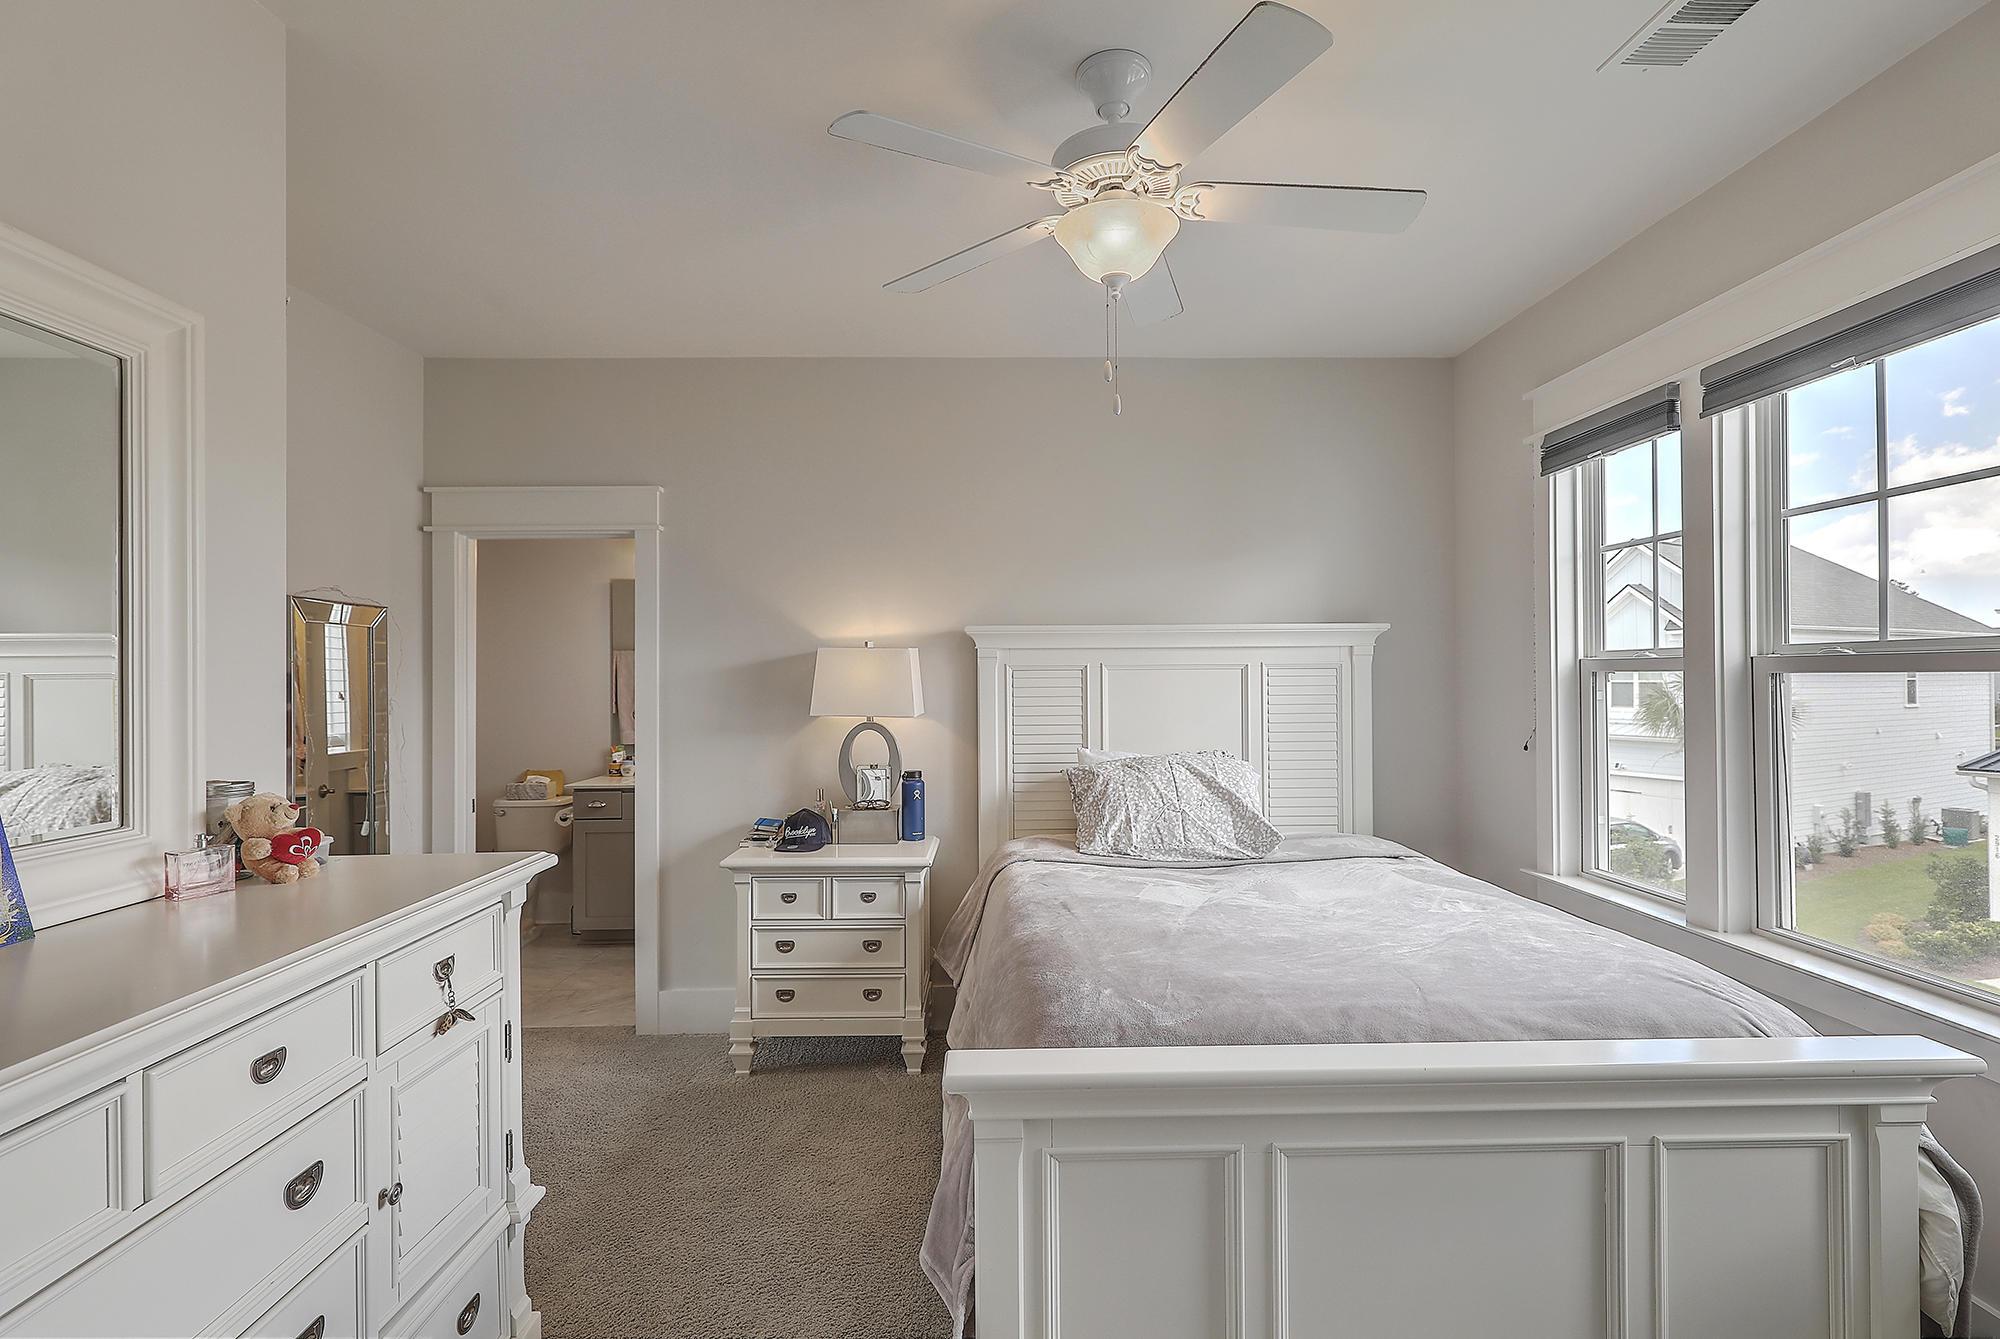 Dunes West Homes For Sale - 2915 Eddy, Mount Pleasant, SC - 29